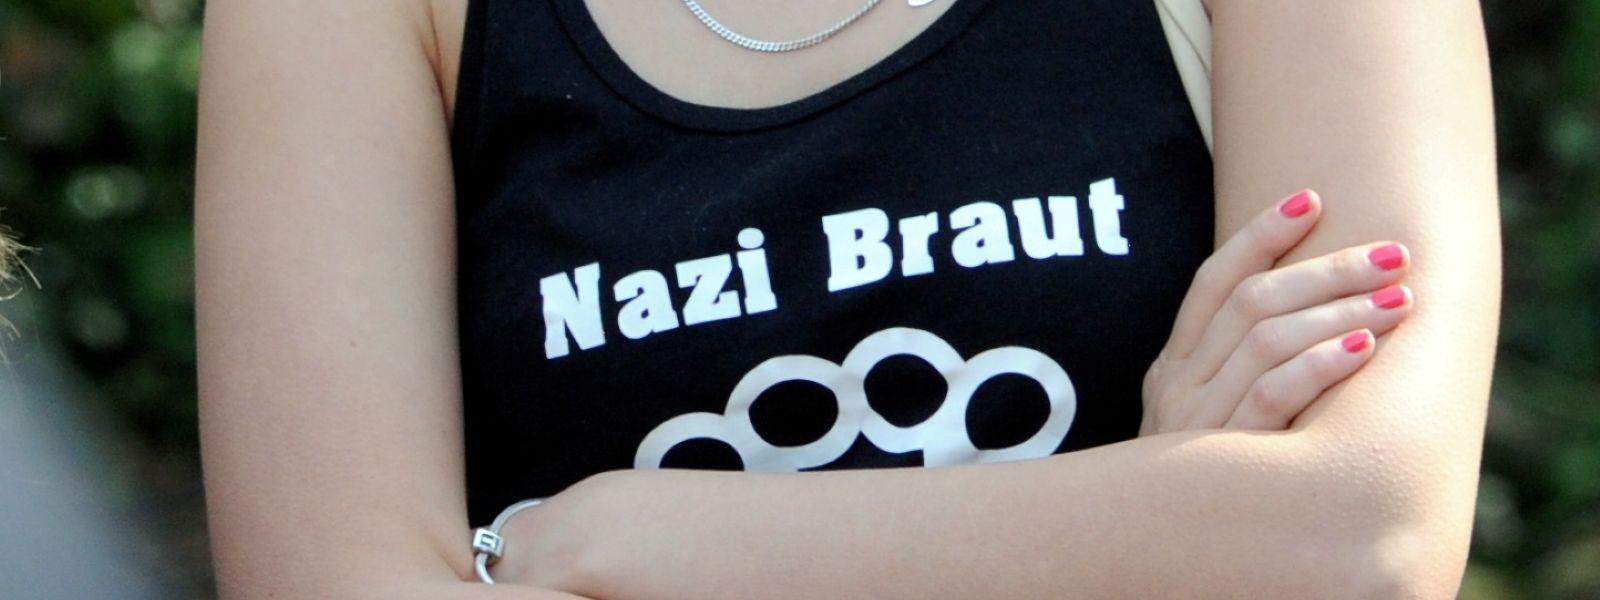 """Eine weibliche Teilnehmerin trägt bei einer Veranstaltung der NPD ein T-Shirt mit der Aufschrift """"Nazi Braut""""."""